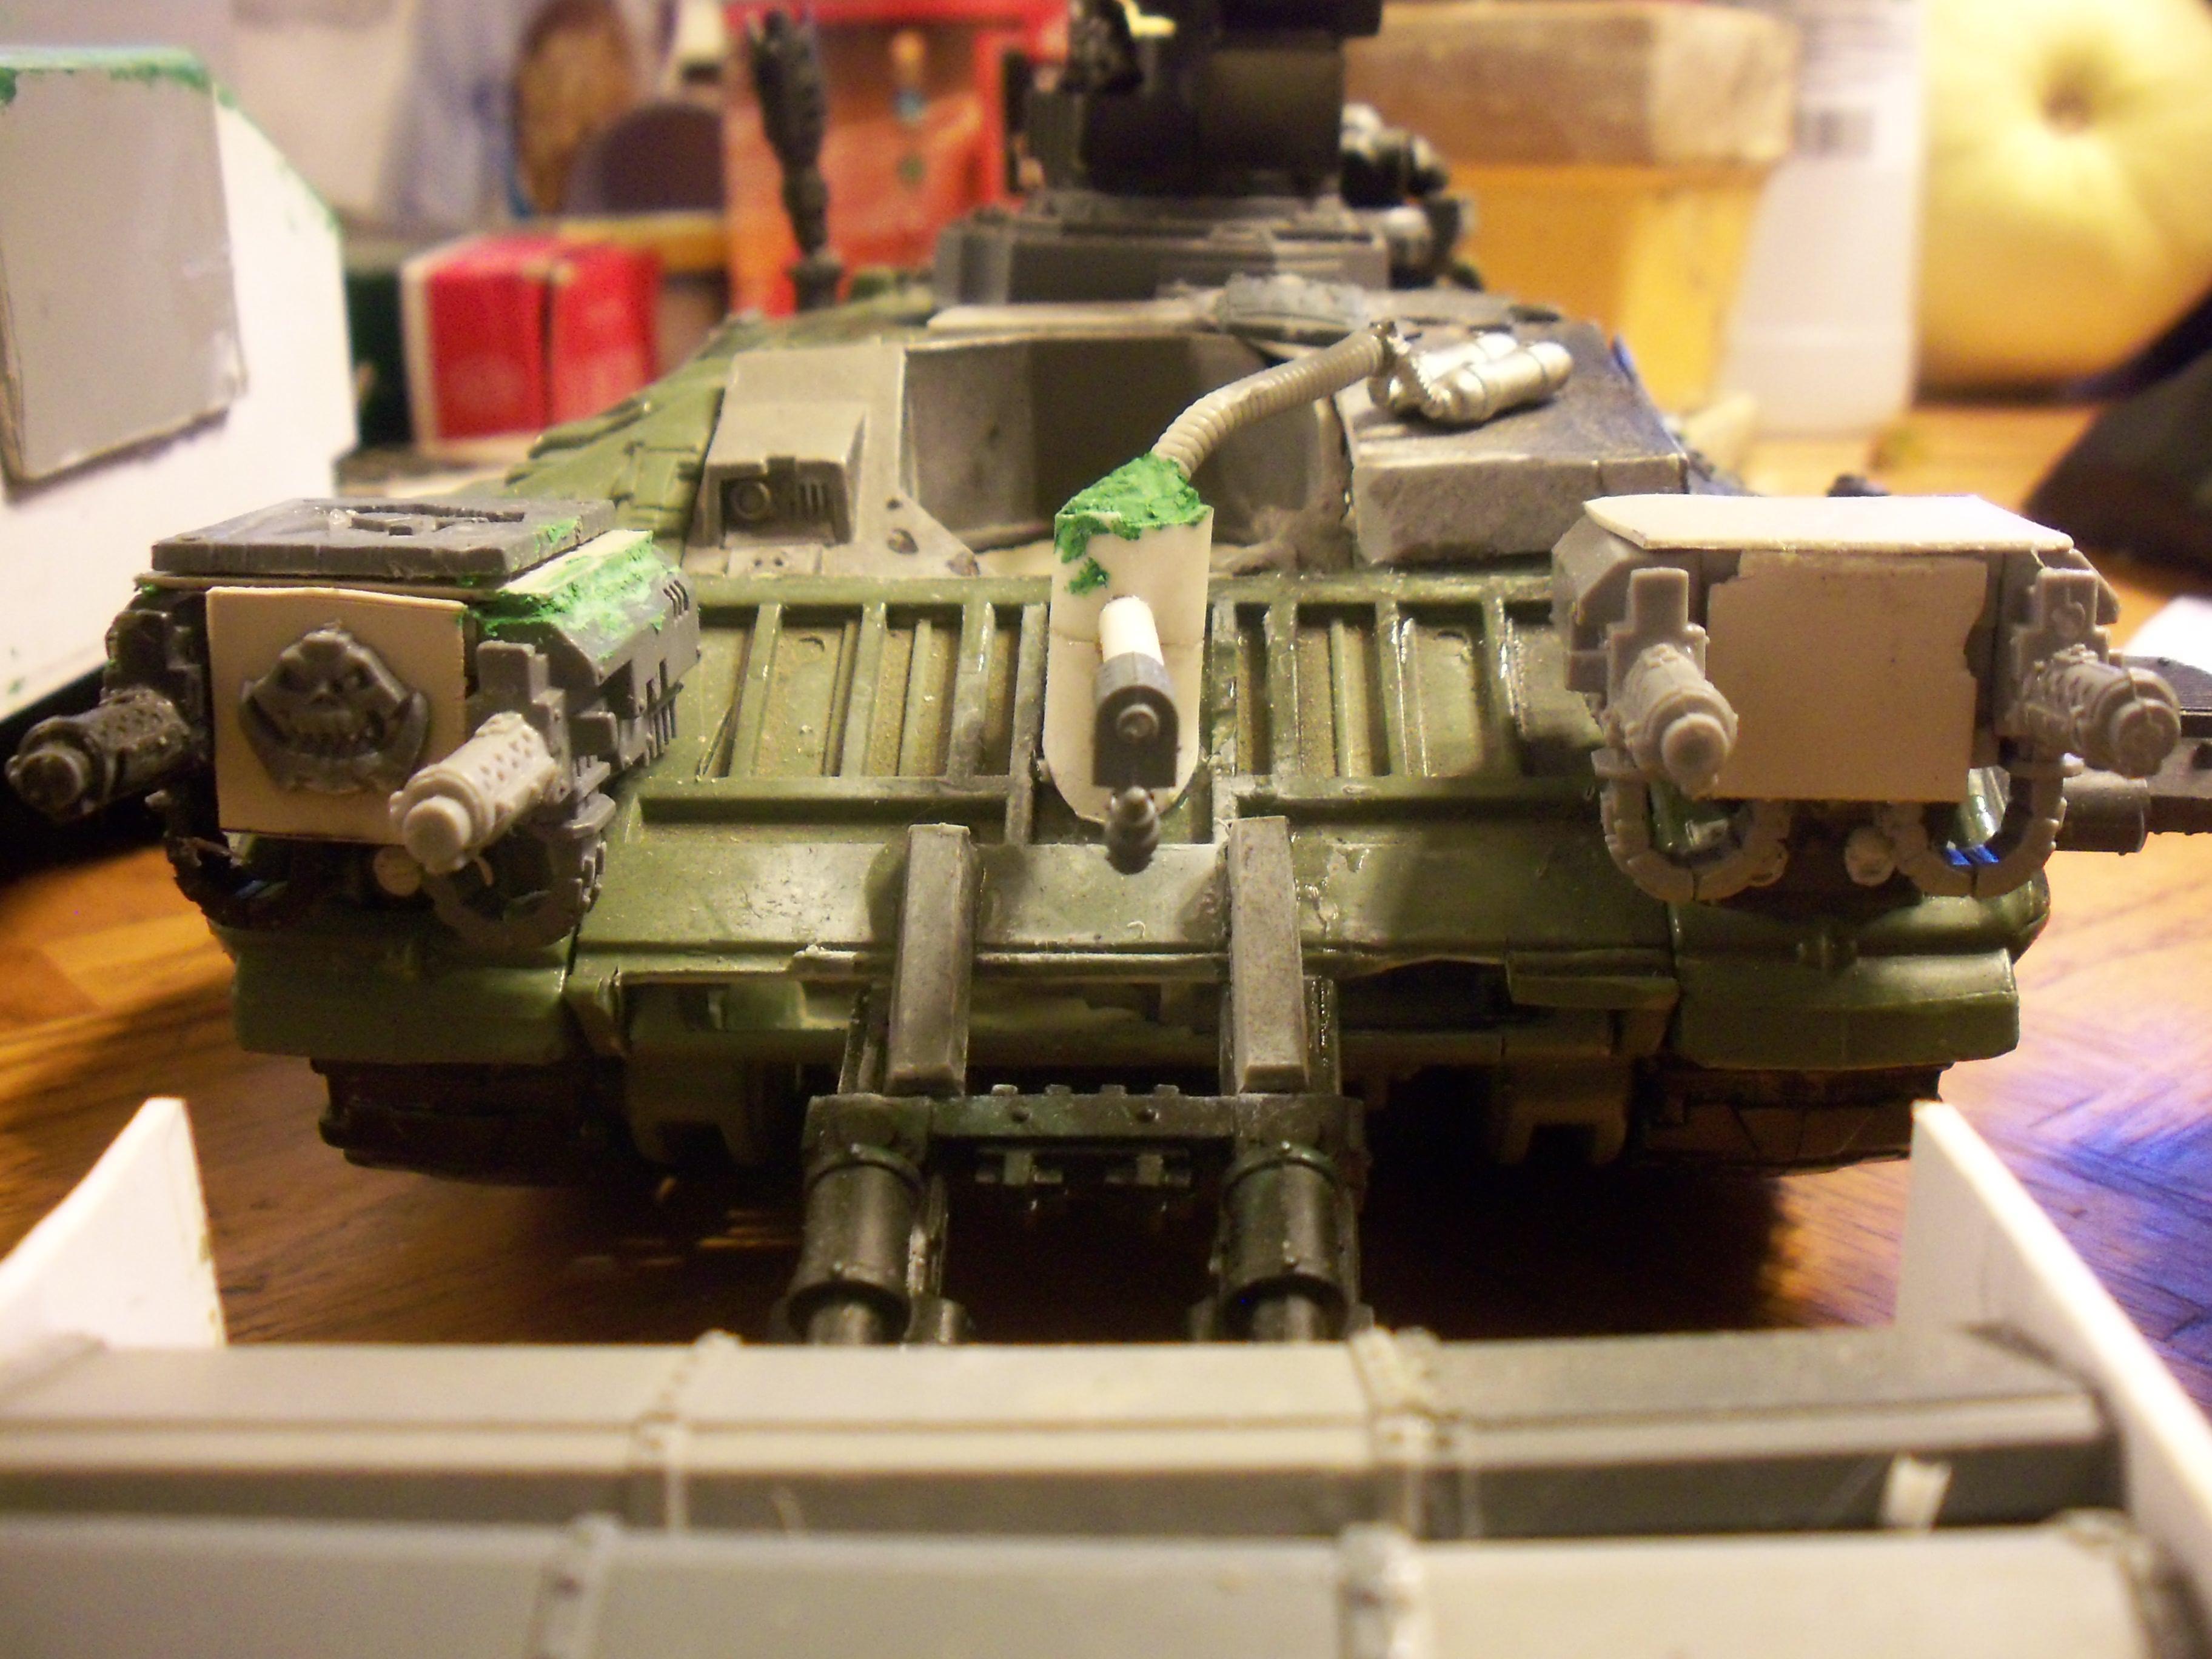 Conversion, Orks, front of killkrusher tank scratchbuild